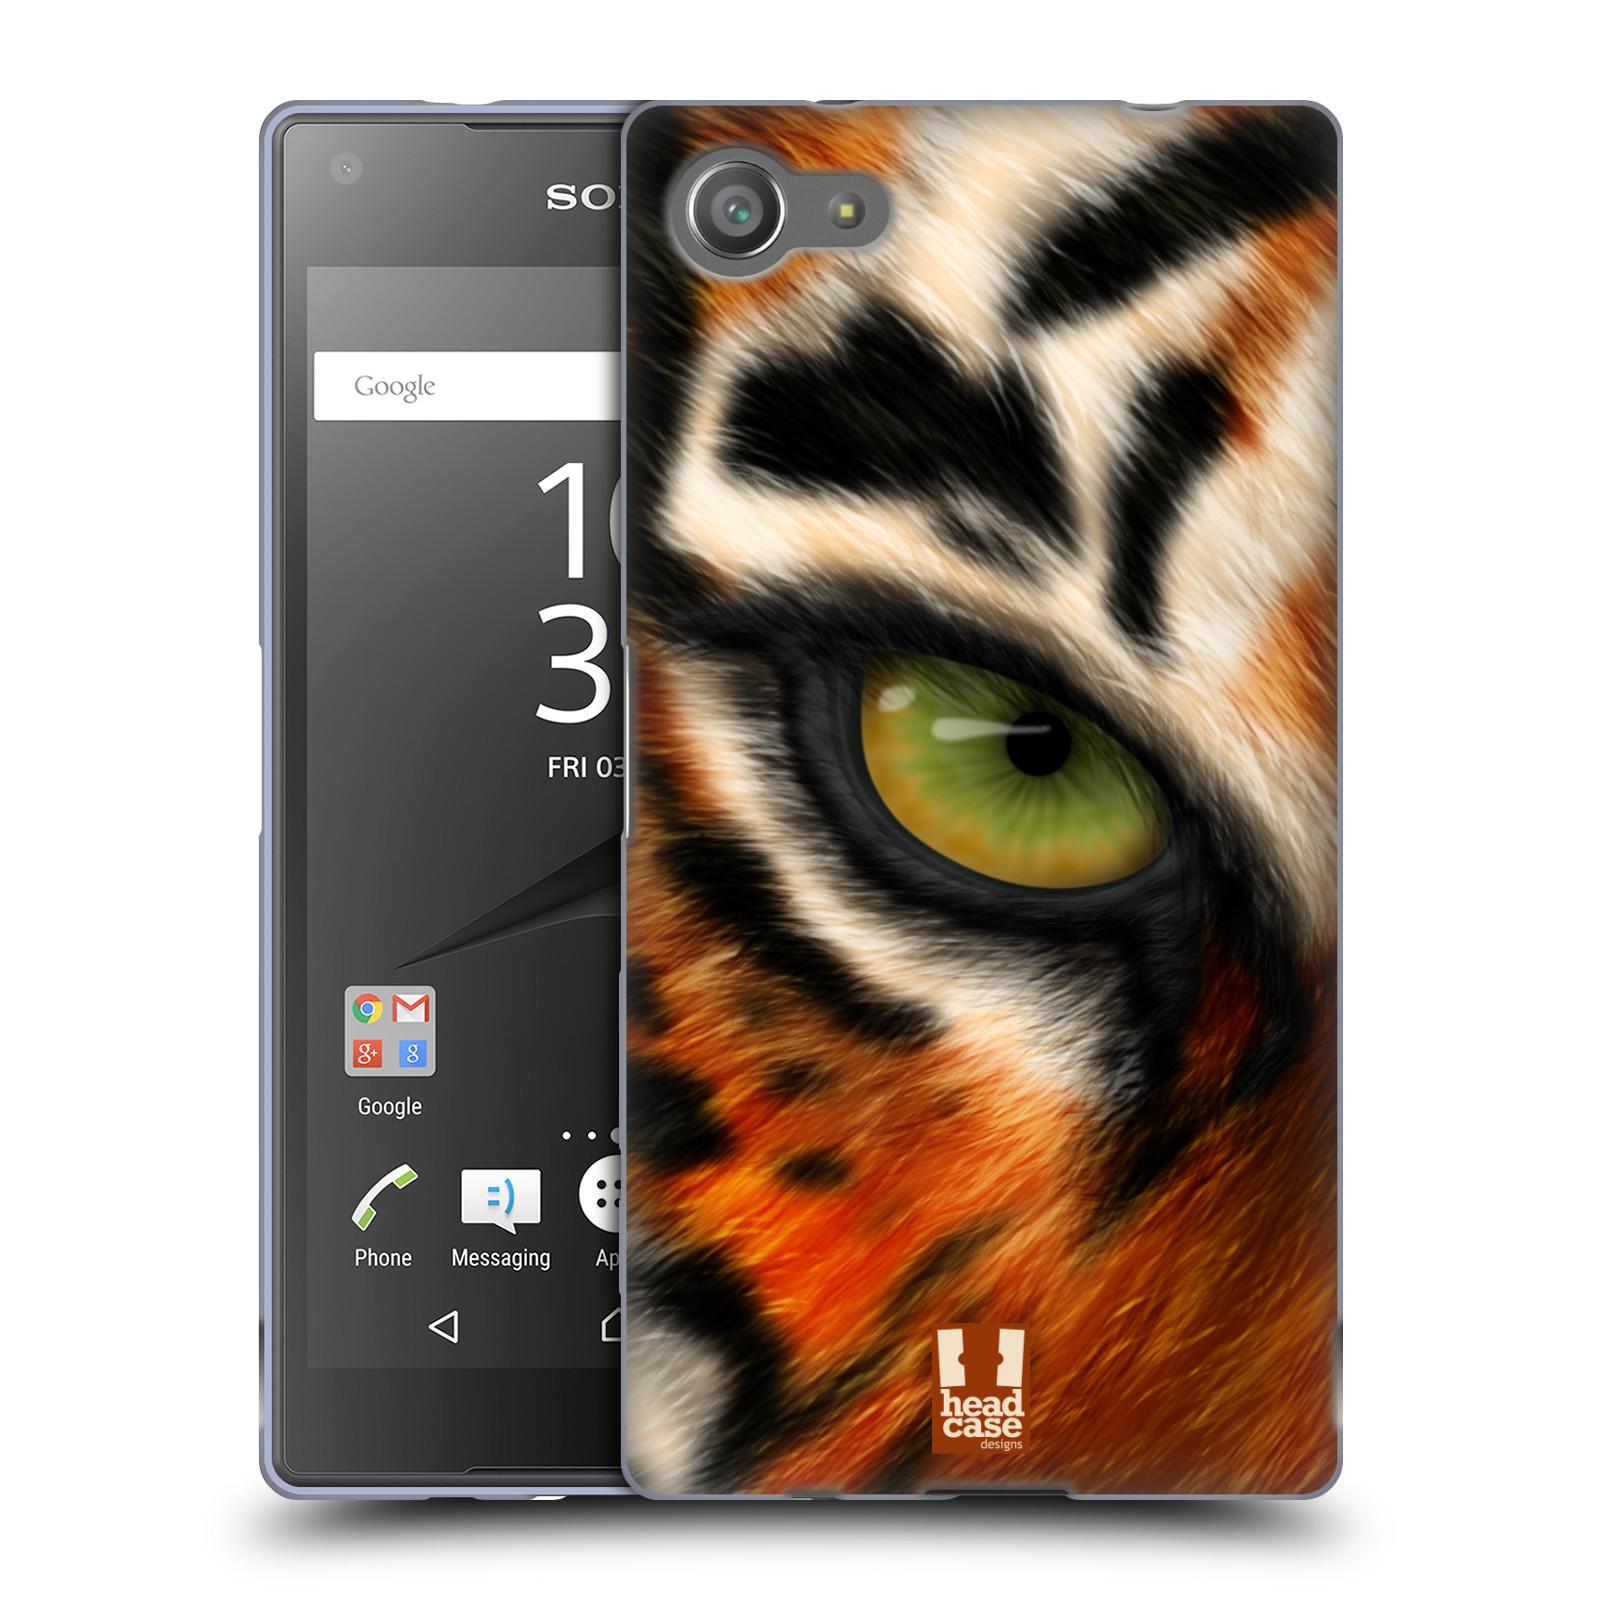 HEAD CASE silikonový obal na mobil Sony Xperia Z5 COMPACT vzor pohled zvířete oko tygr